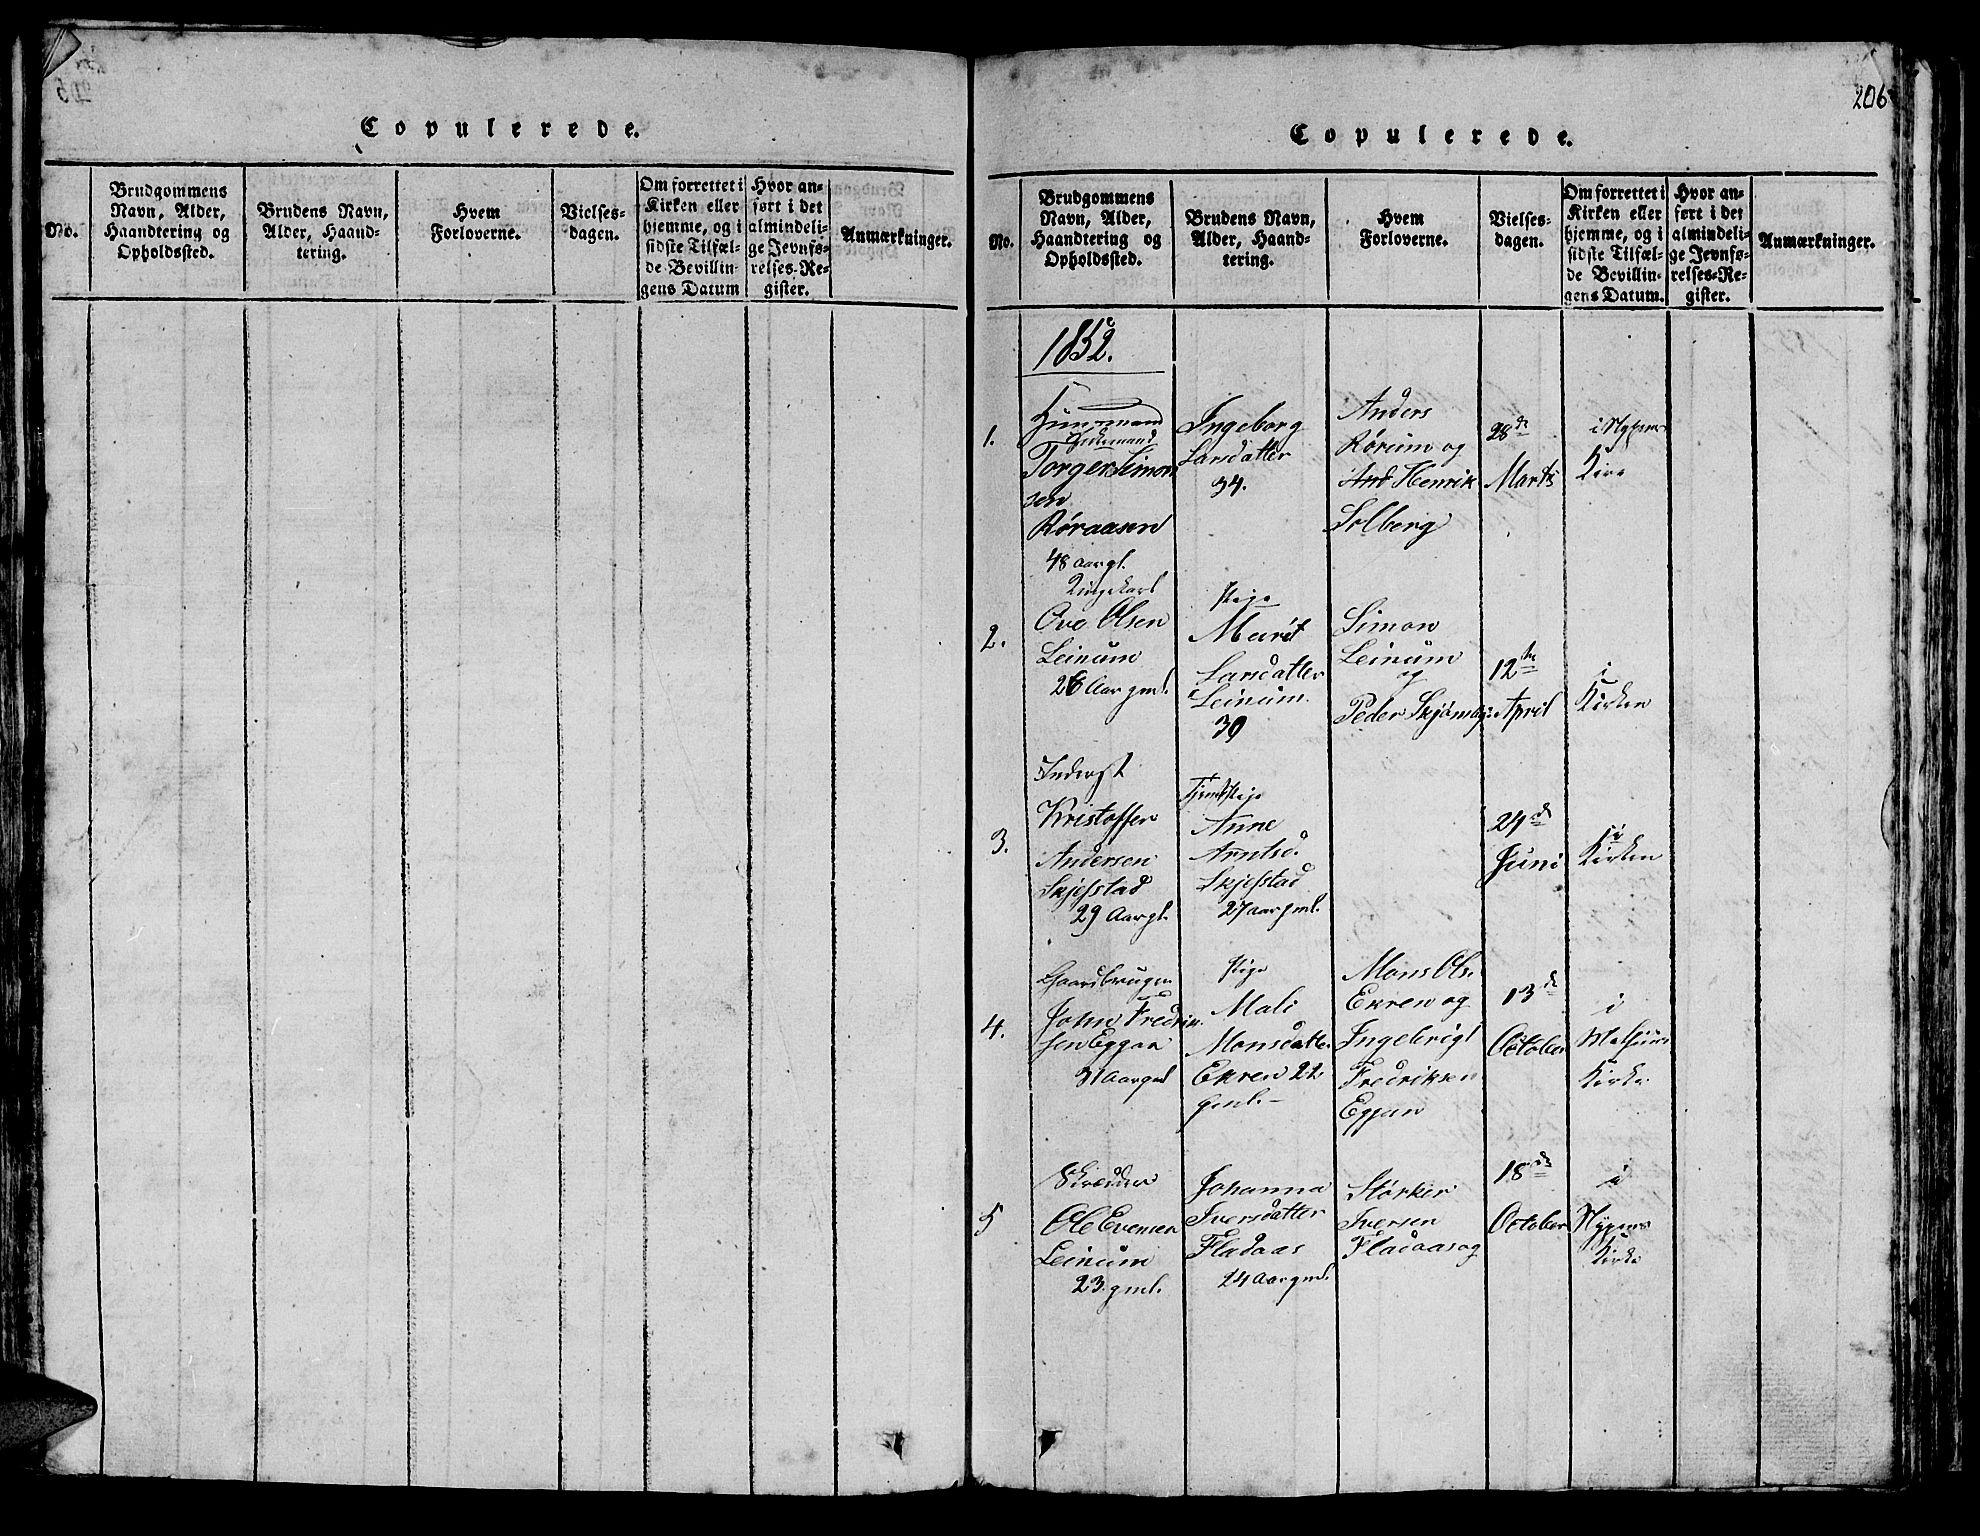 SAT, Ministerialprotokoller, klokkerbøker og fødselsregistre - Sør-Trøndelag, 613/L0393: Klokkerbok nr. 613C01, 1816-1886, s. 206